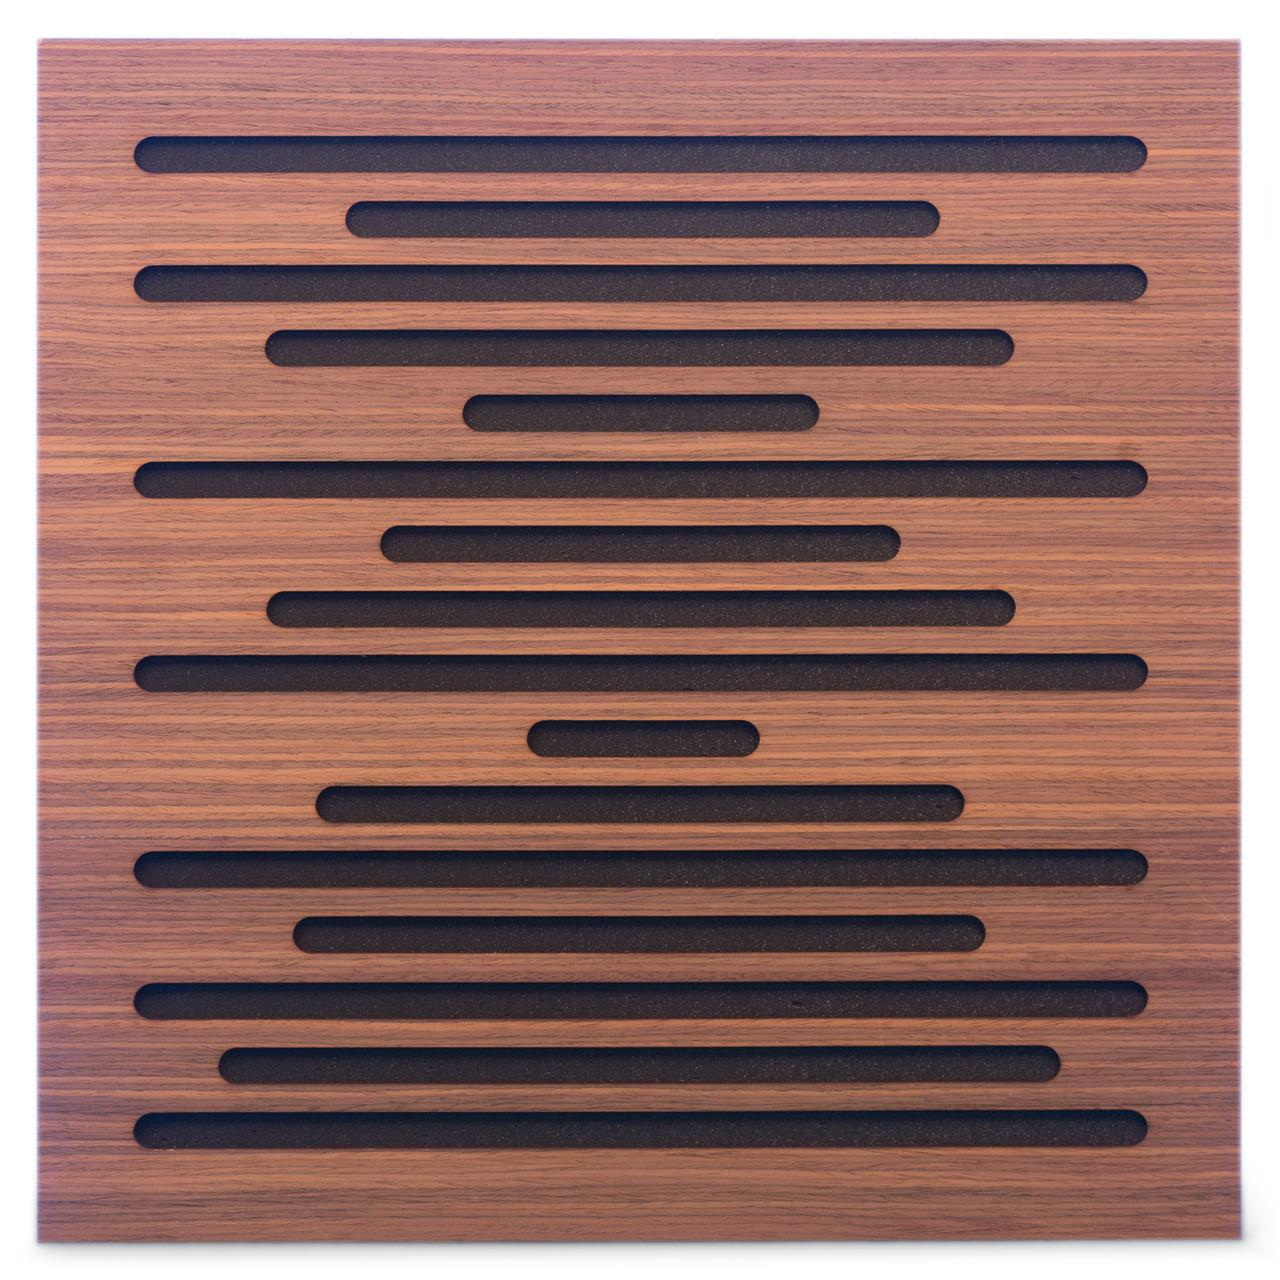 Акустическая панель Ecosound EcoWave Rosewood 50x50см 73мм цвет коричневый